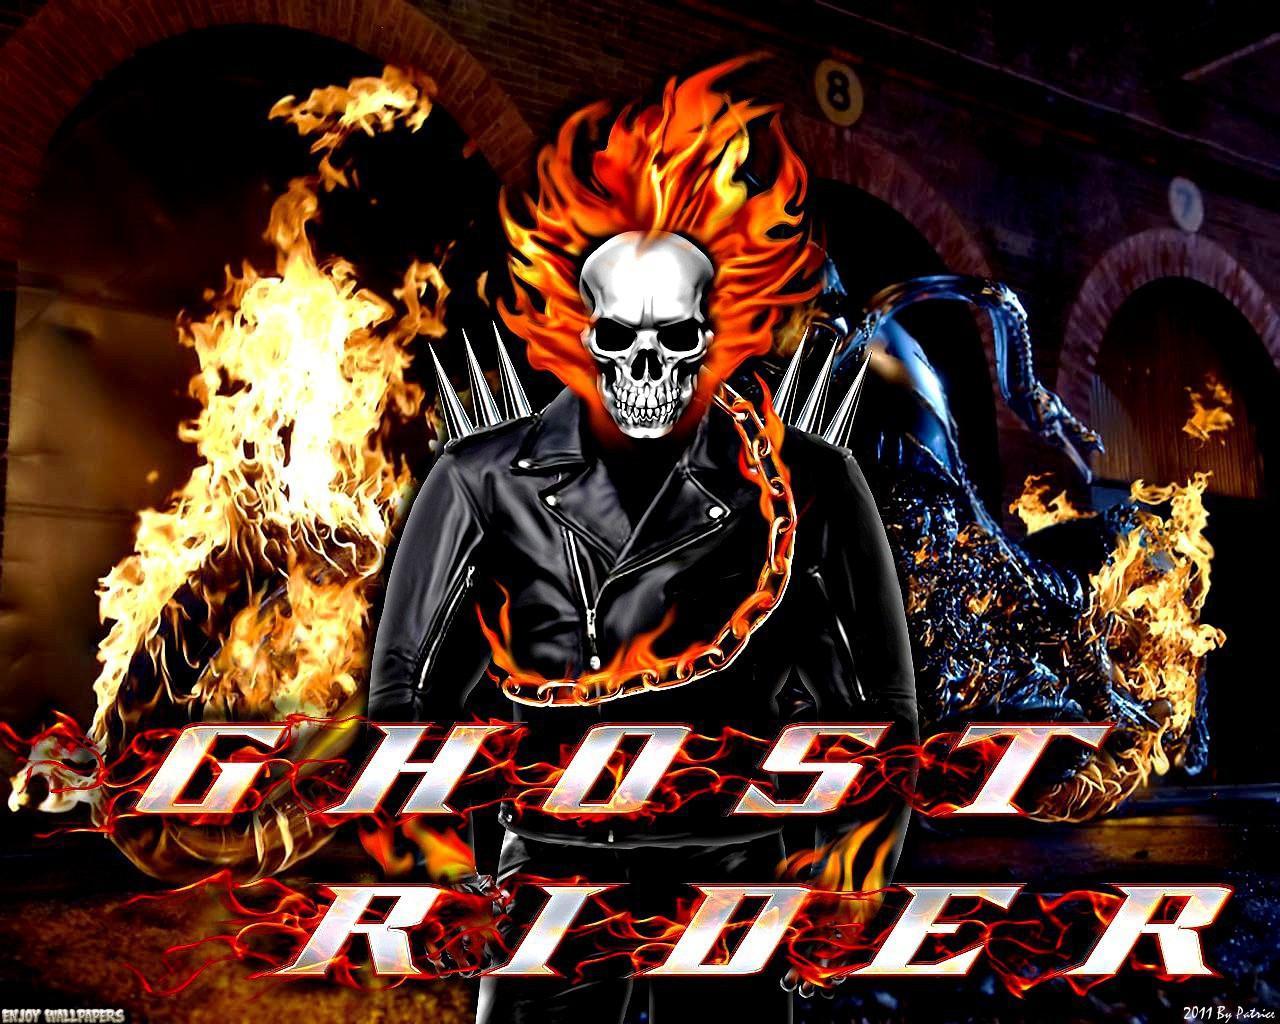 http://1.bp.blogspot.com/-FLASpA5hVWU/T0OWQs8nThI/AAAAAAAAA6Q/LFYkYEFLmic/s1600/Ghost+Rider+2+Wallpaper+1280x1024+By+Patrice.jpg